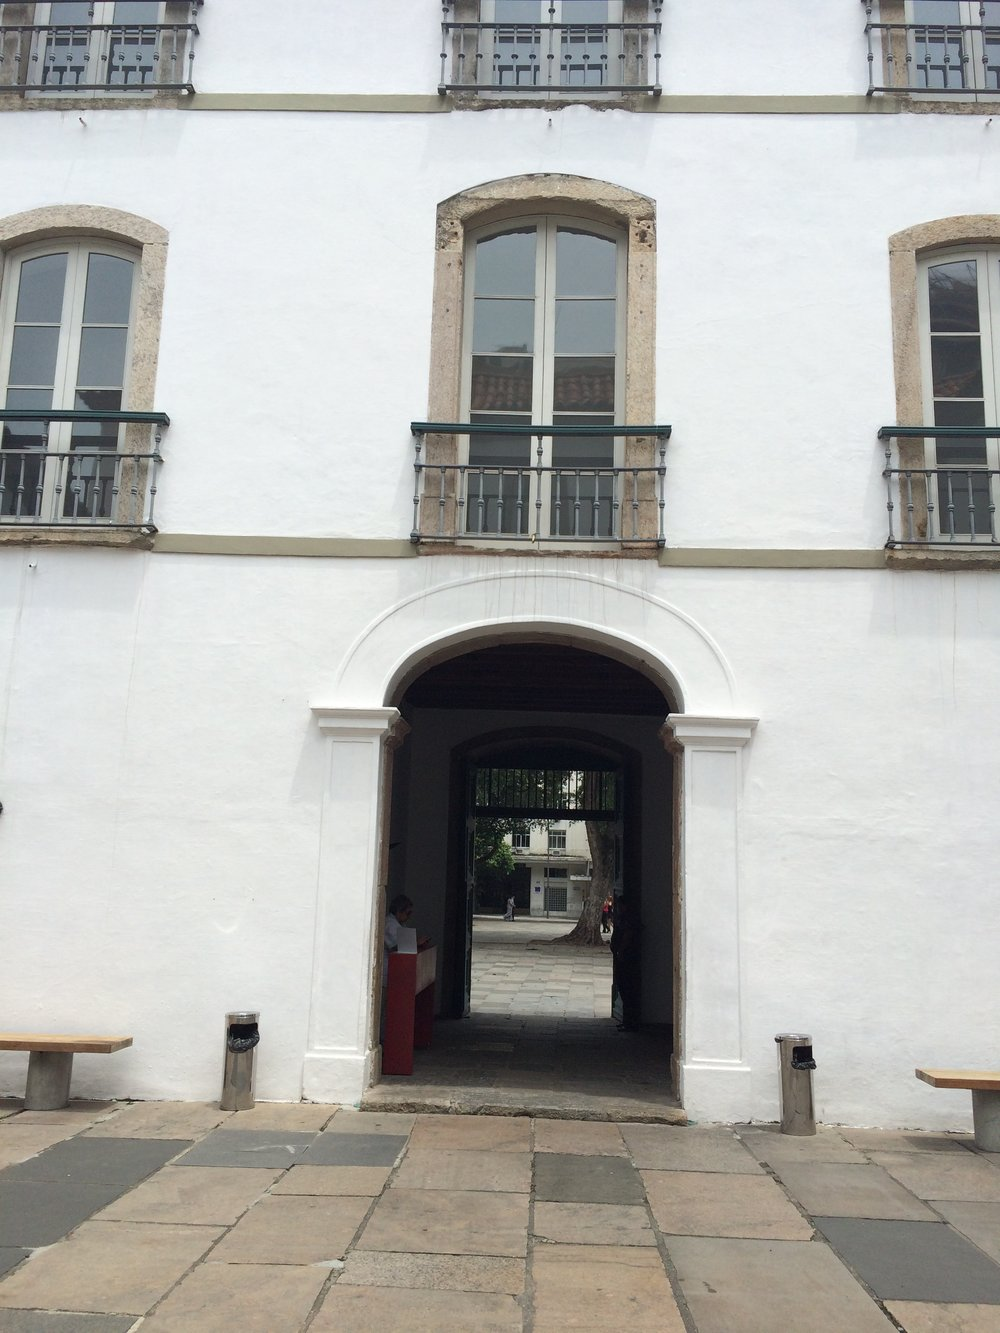 The original Palace